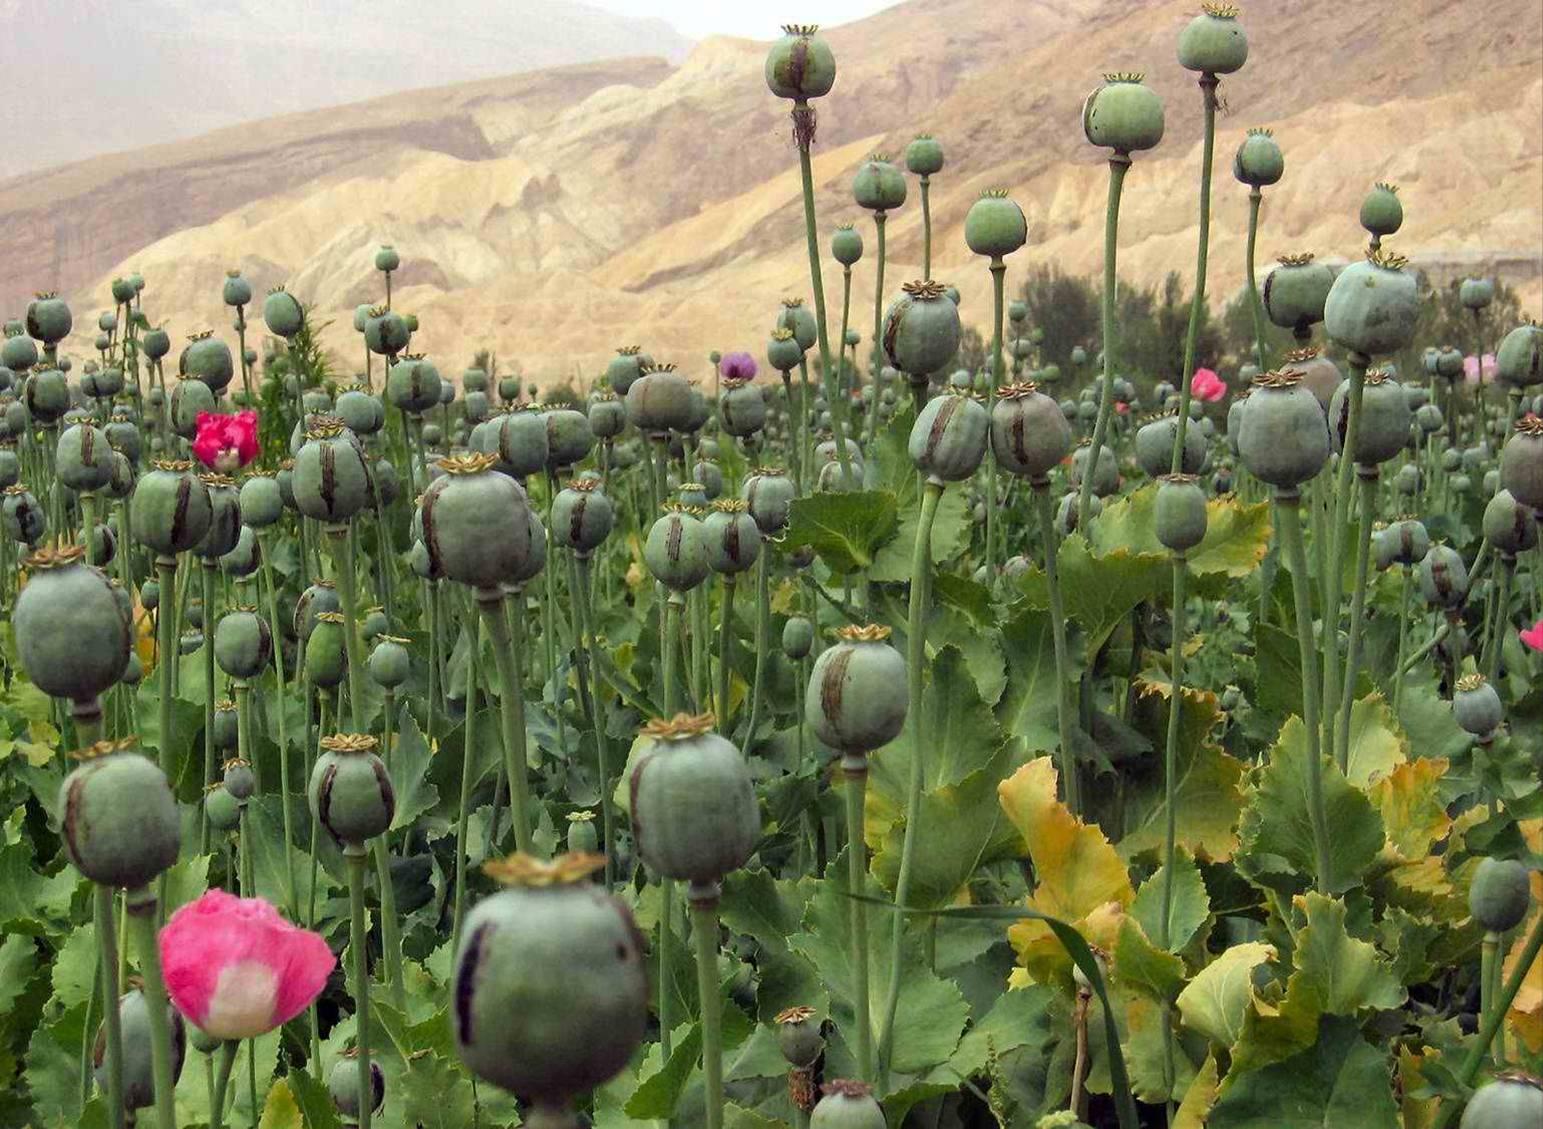 Cánh đồng thuốc phiên ở Afghanistan. (Ảnh: Wikipedia)